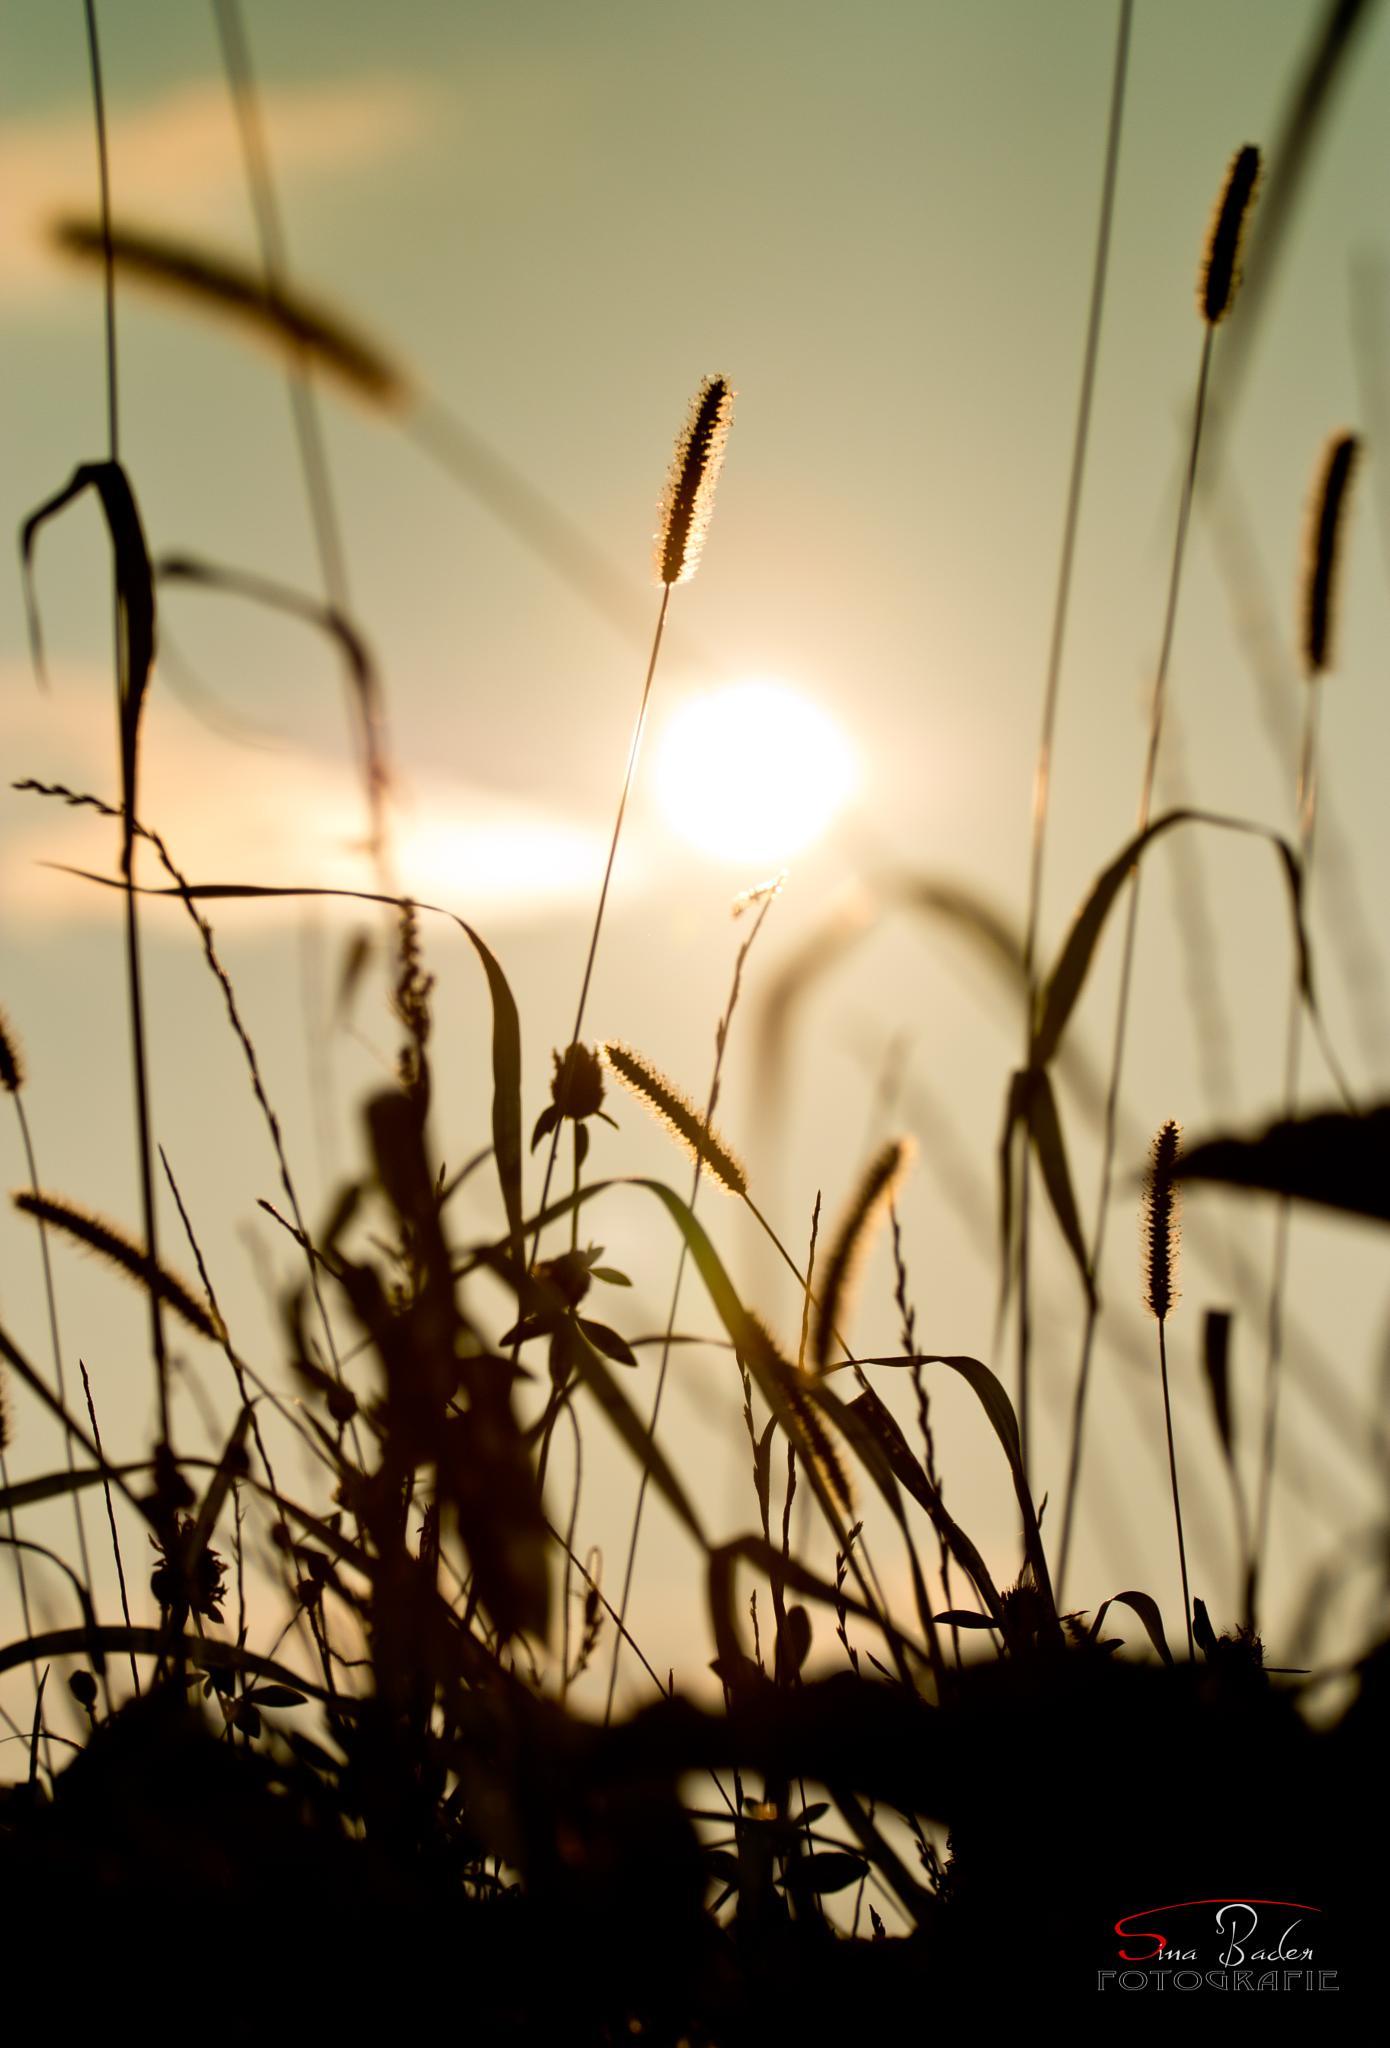 The sun against by SiBa55